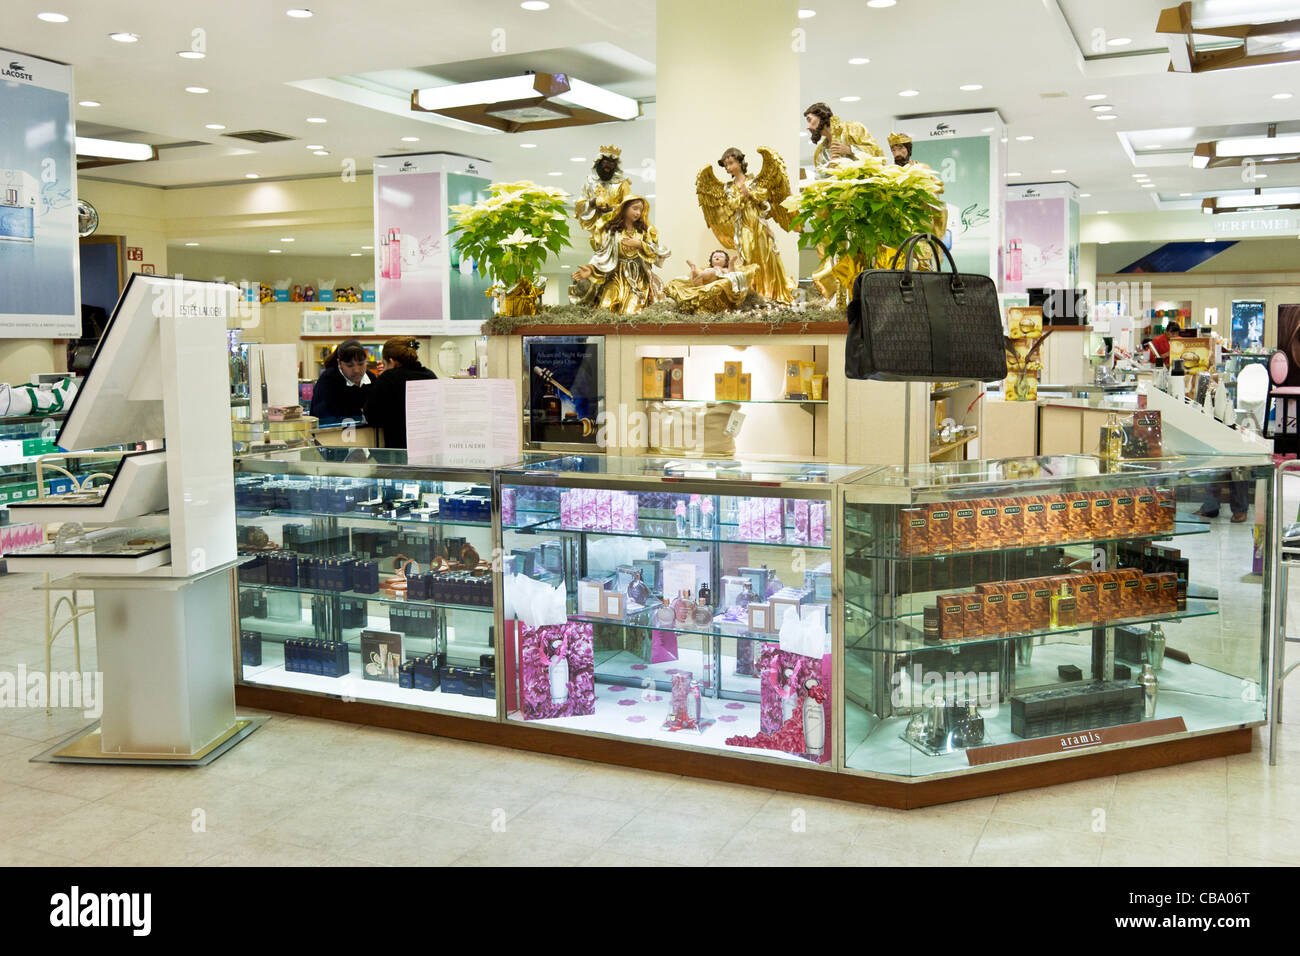 Sears Store Christmas Stock Photos & Sears Store Christmas Stock ...